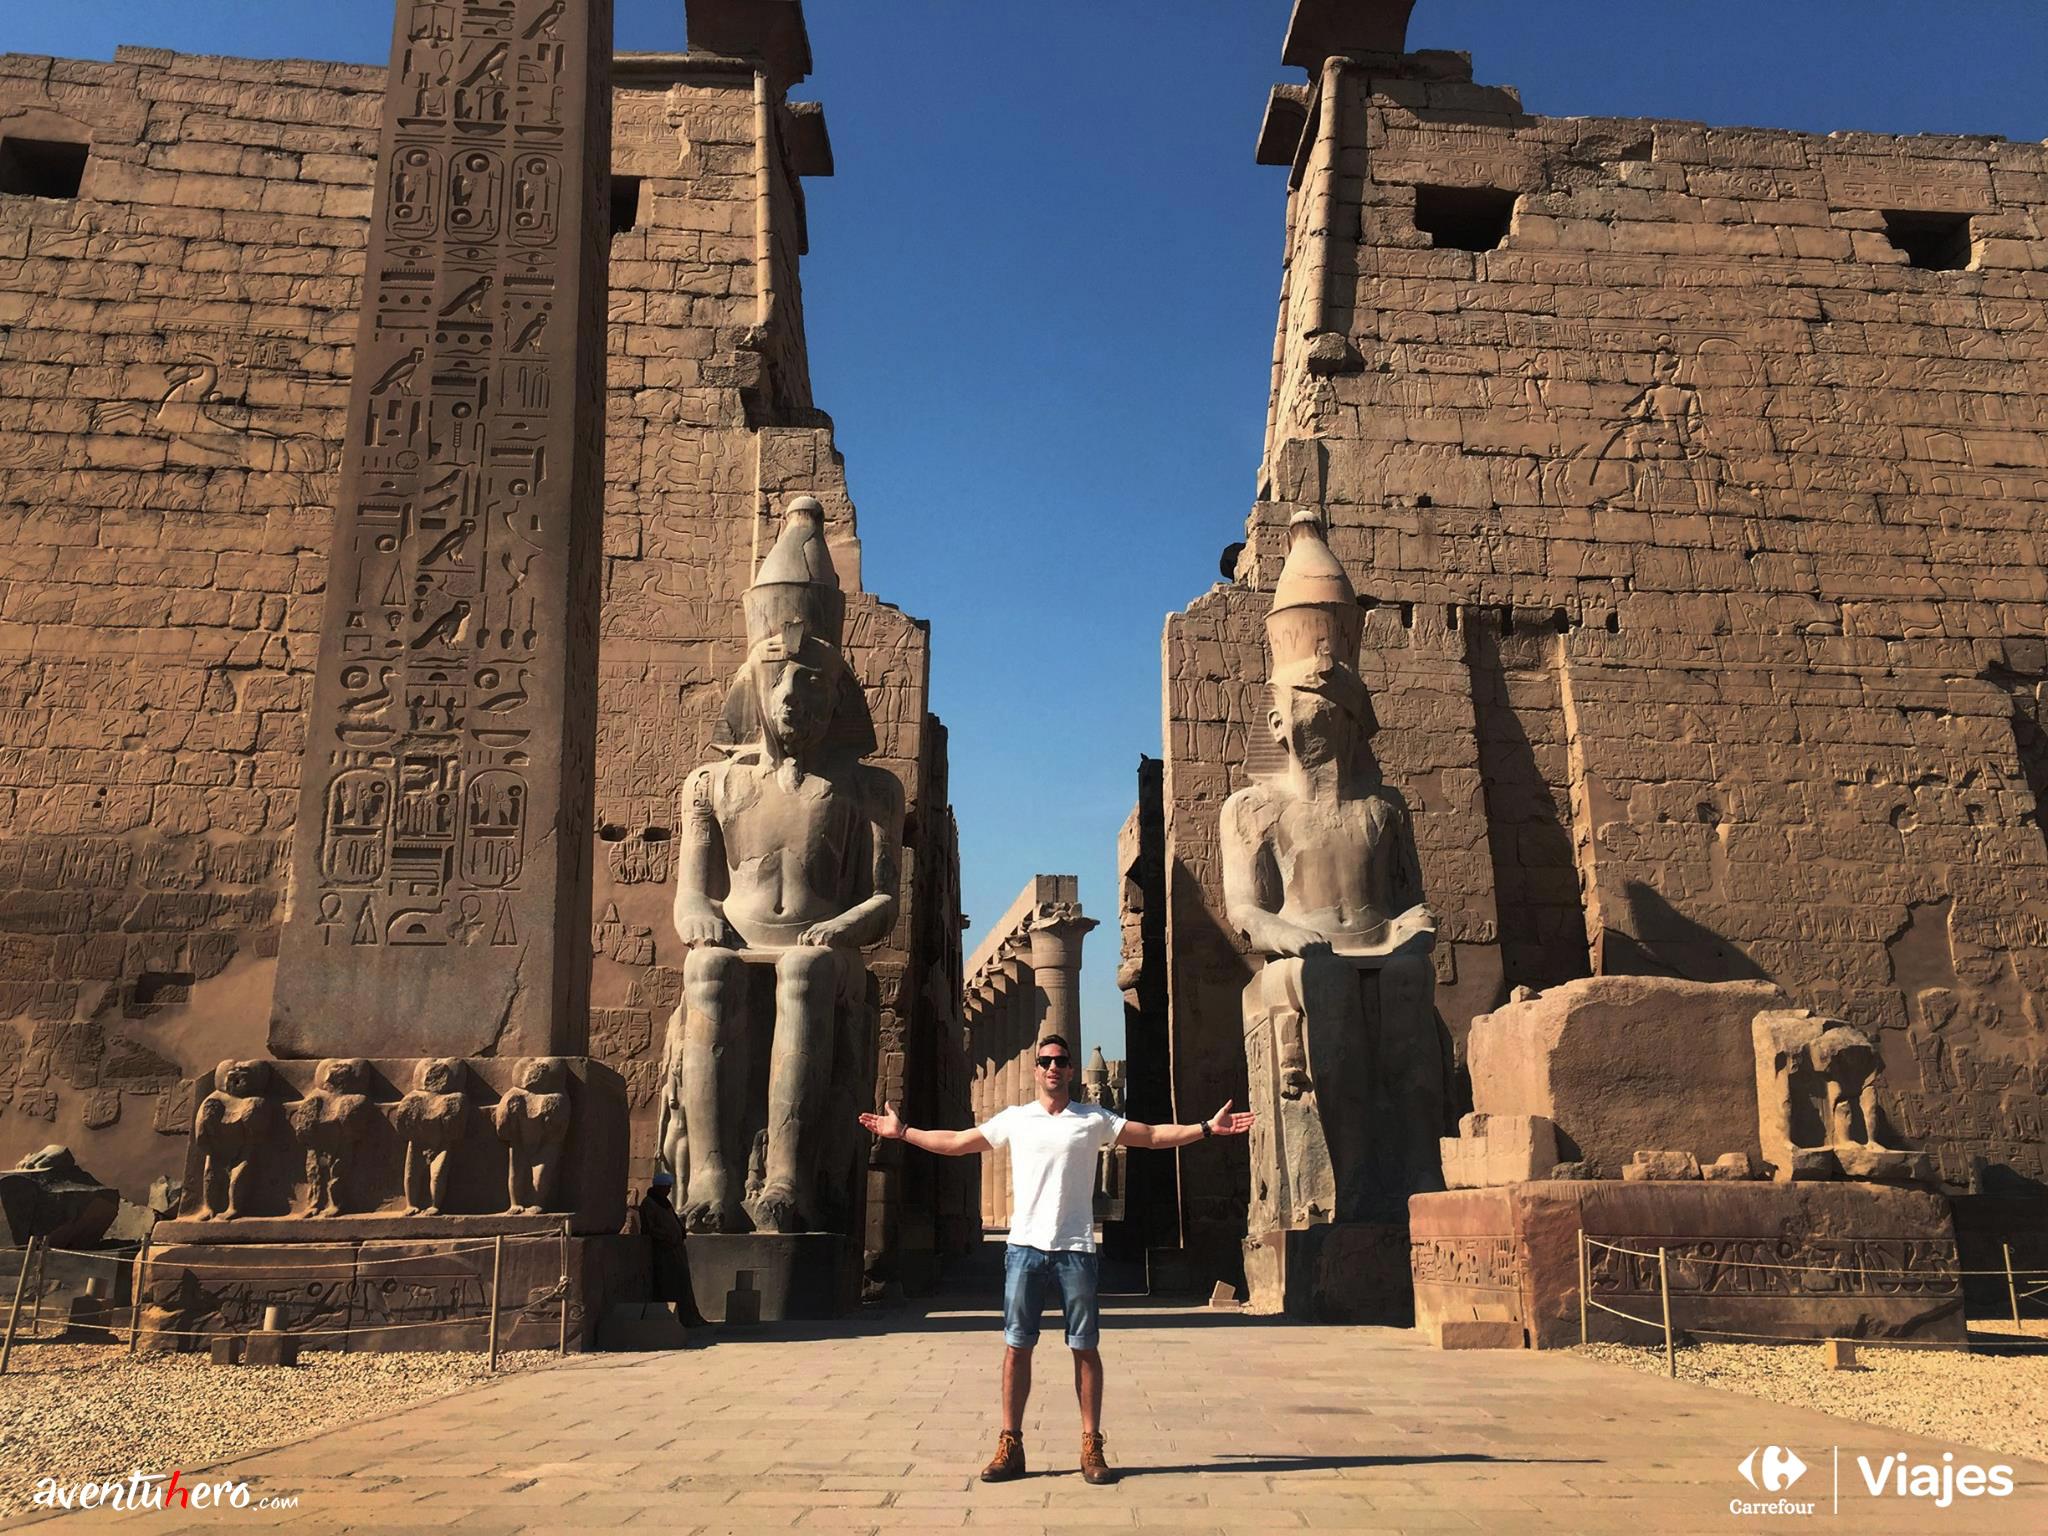 Aventuhero - En la entrada de Luxor